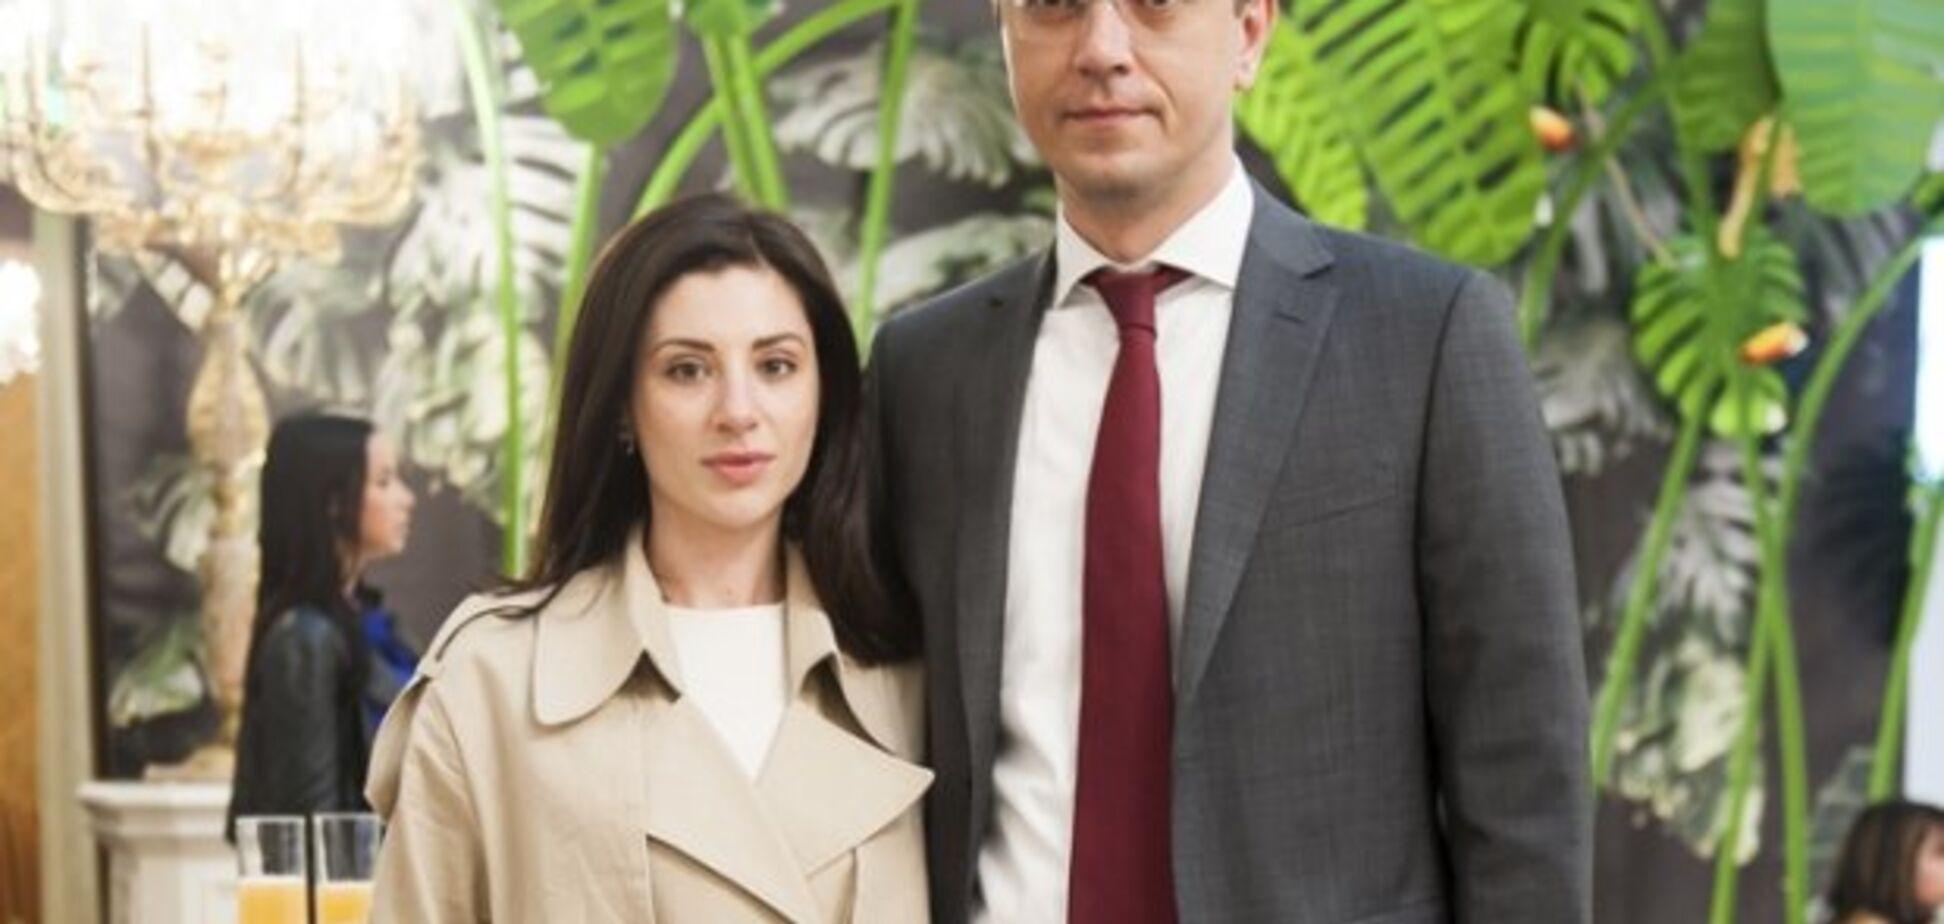 Жена министра? Украинка заказала Maybach Coupe почти за 3 млн евро